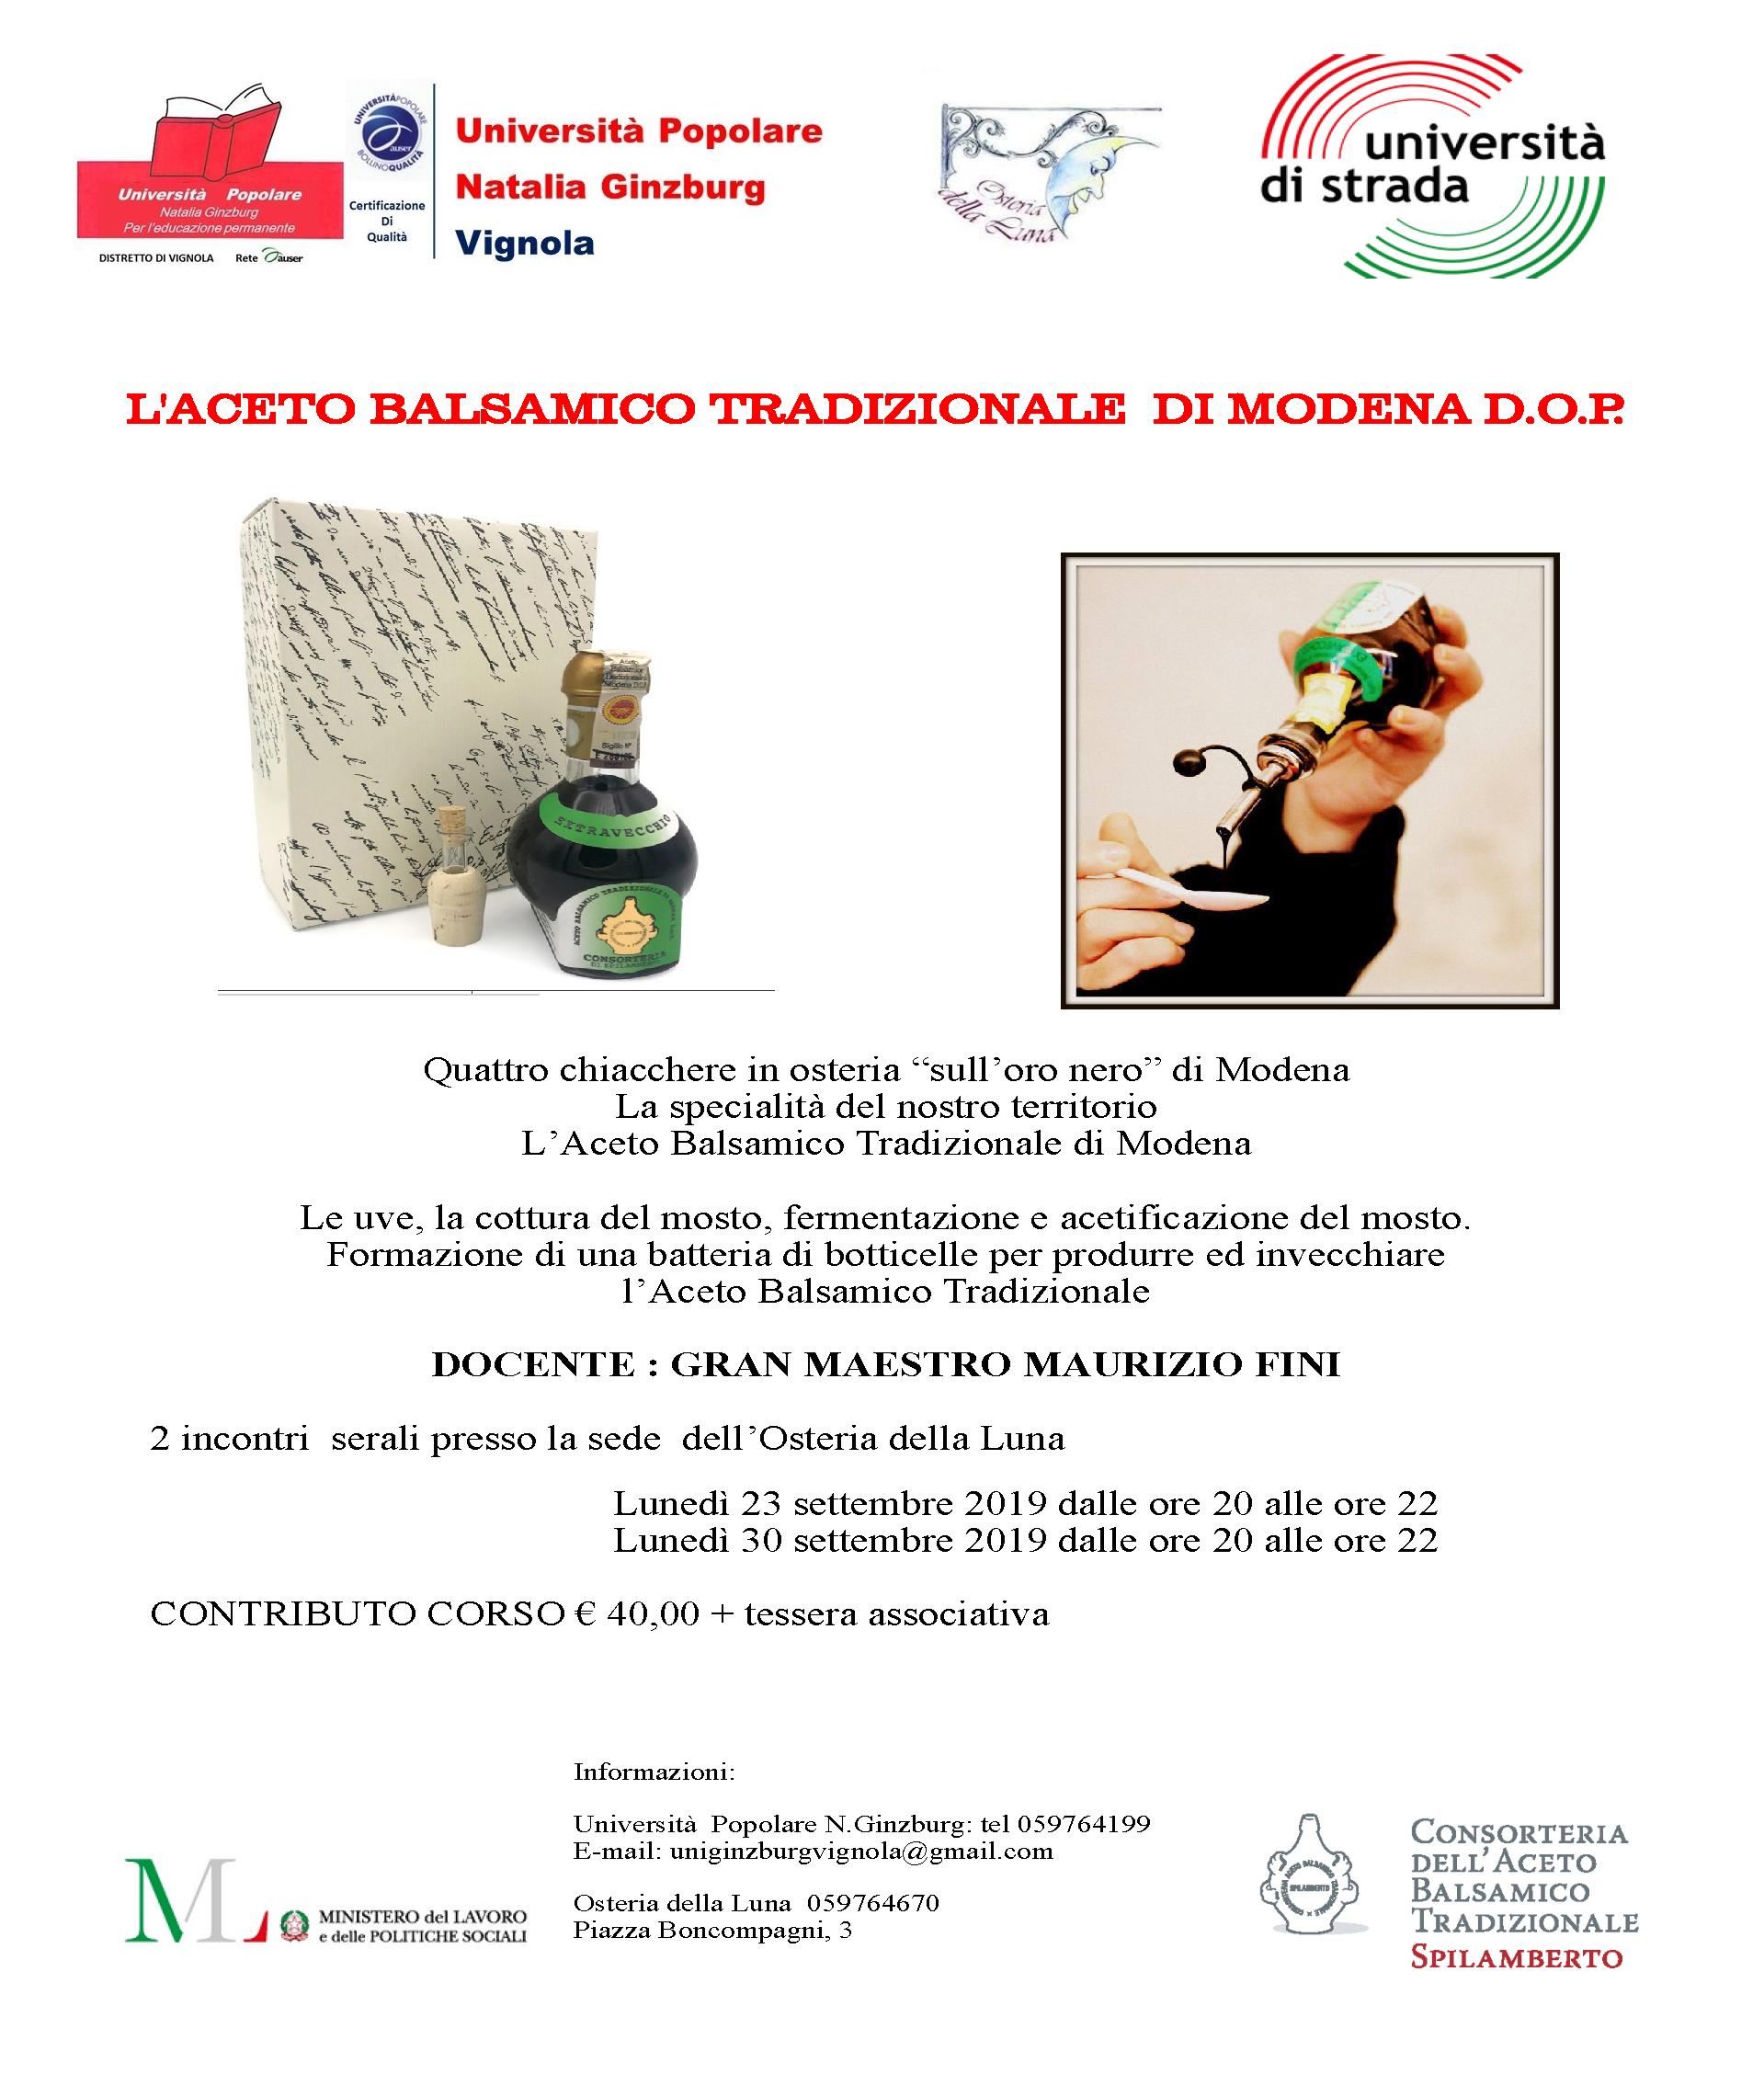 L'aceto Balsamico Tradizionale  Di Modena D.O.P.